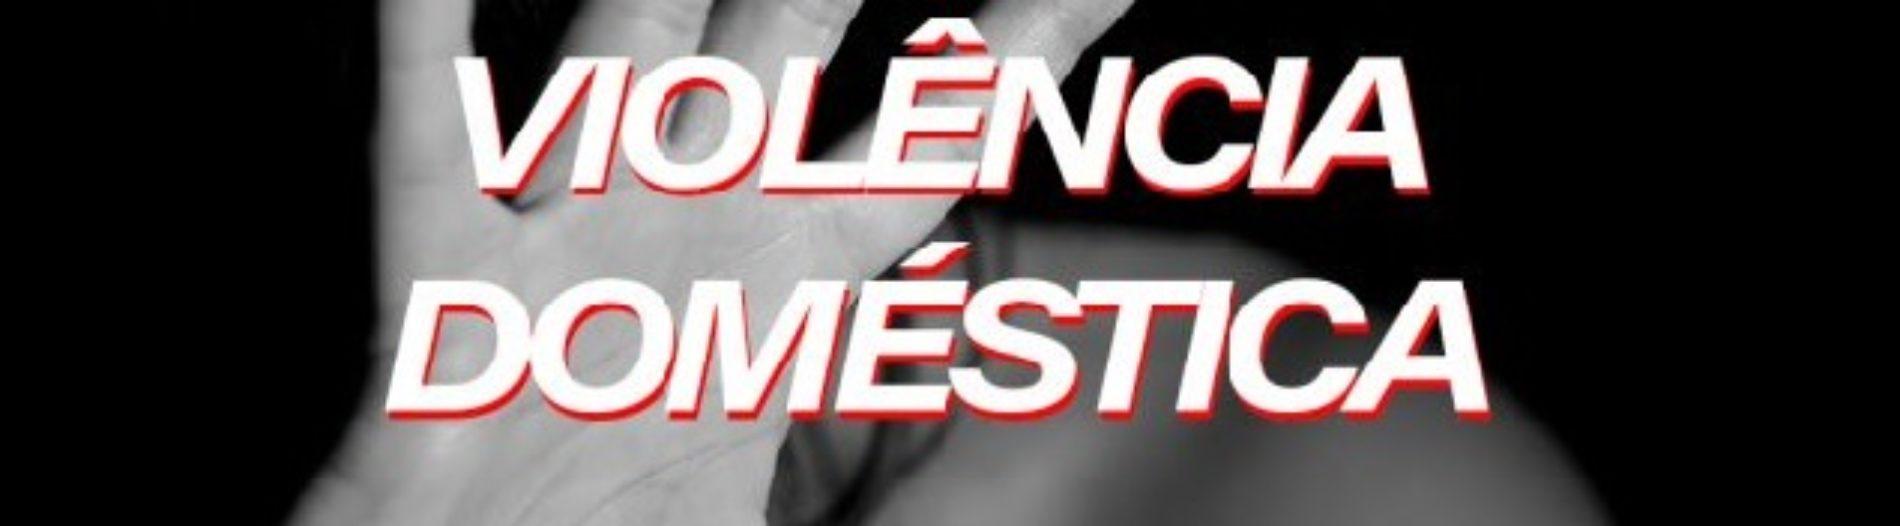 'Violência [Doméstica]' é a Palavra do Ano 2019, revela a Porto Editora